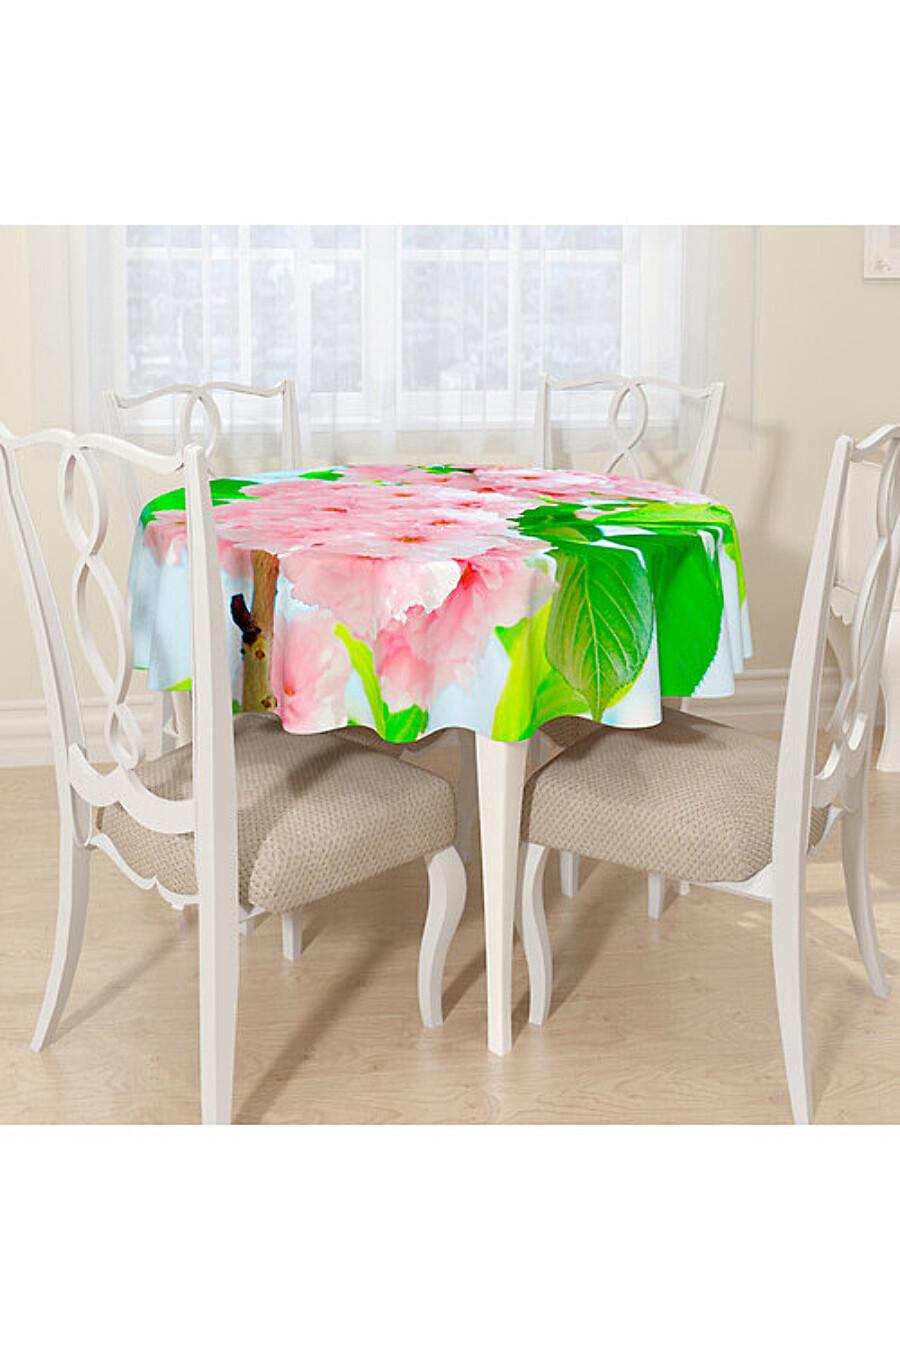 Скатерть для дома ART HOME TEXTILE 180272 купить оптом от производителя. Совместная покупка товаров для дома в OptMoyo